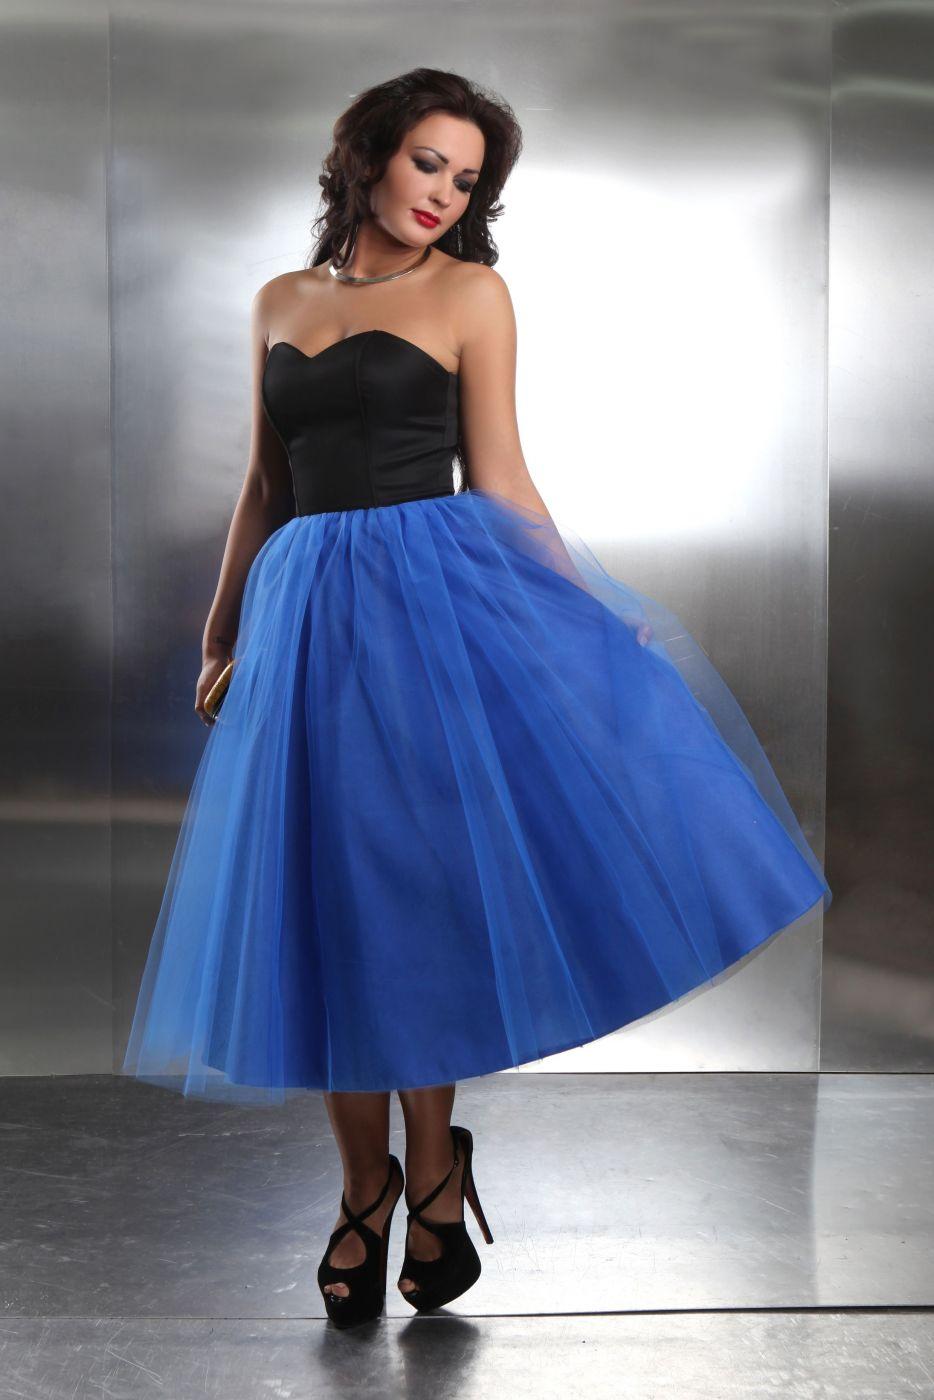 Wadenlanges Abendkleid mit Tüllrock in schwarz blau - Kleiderfreuden